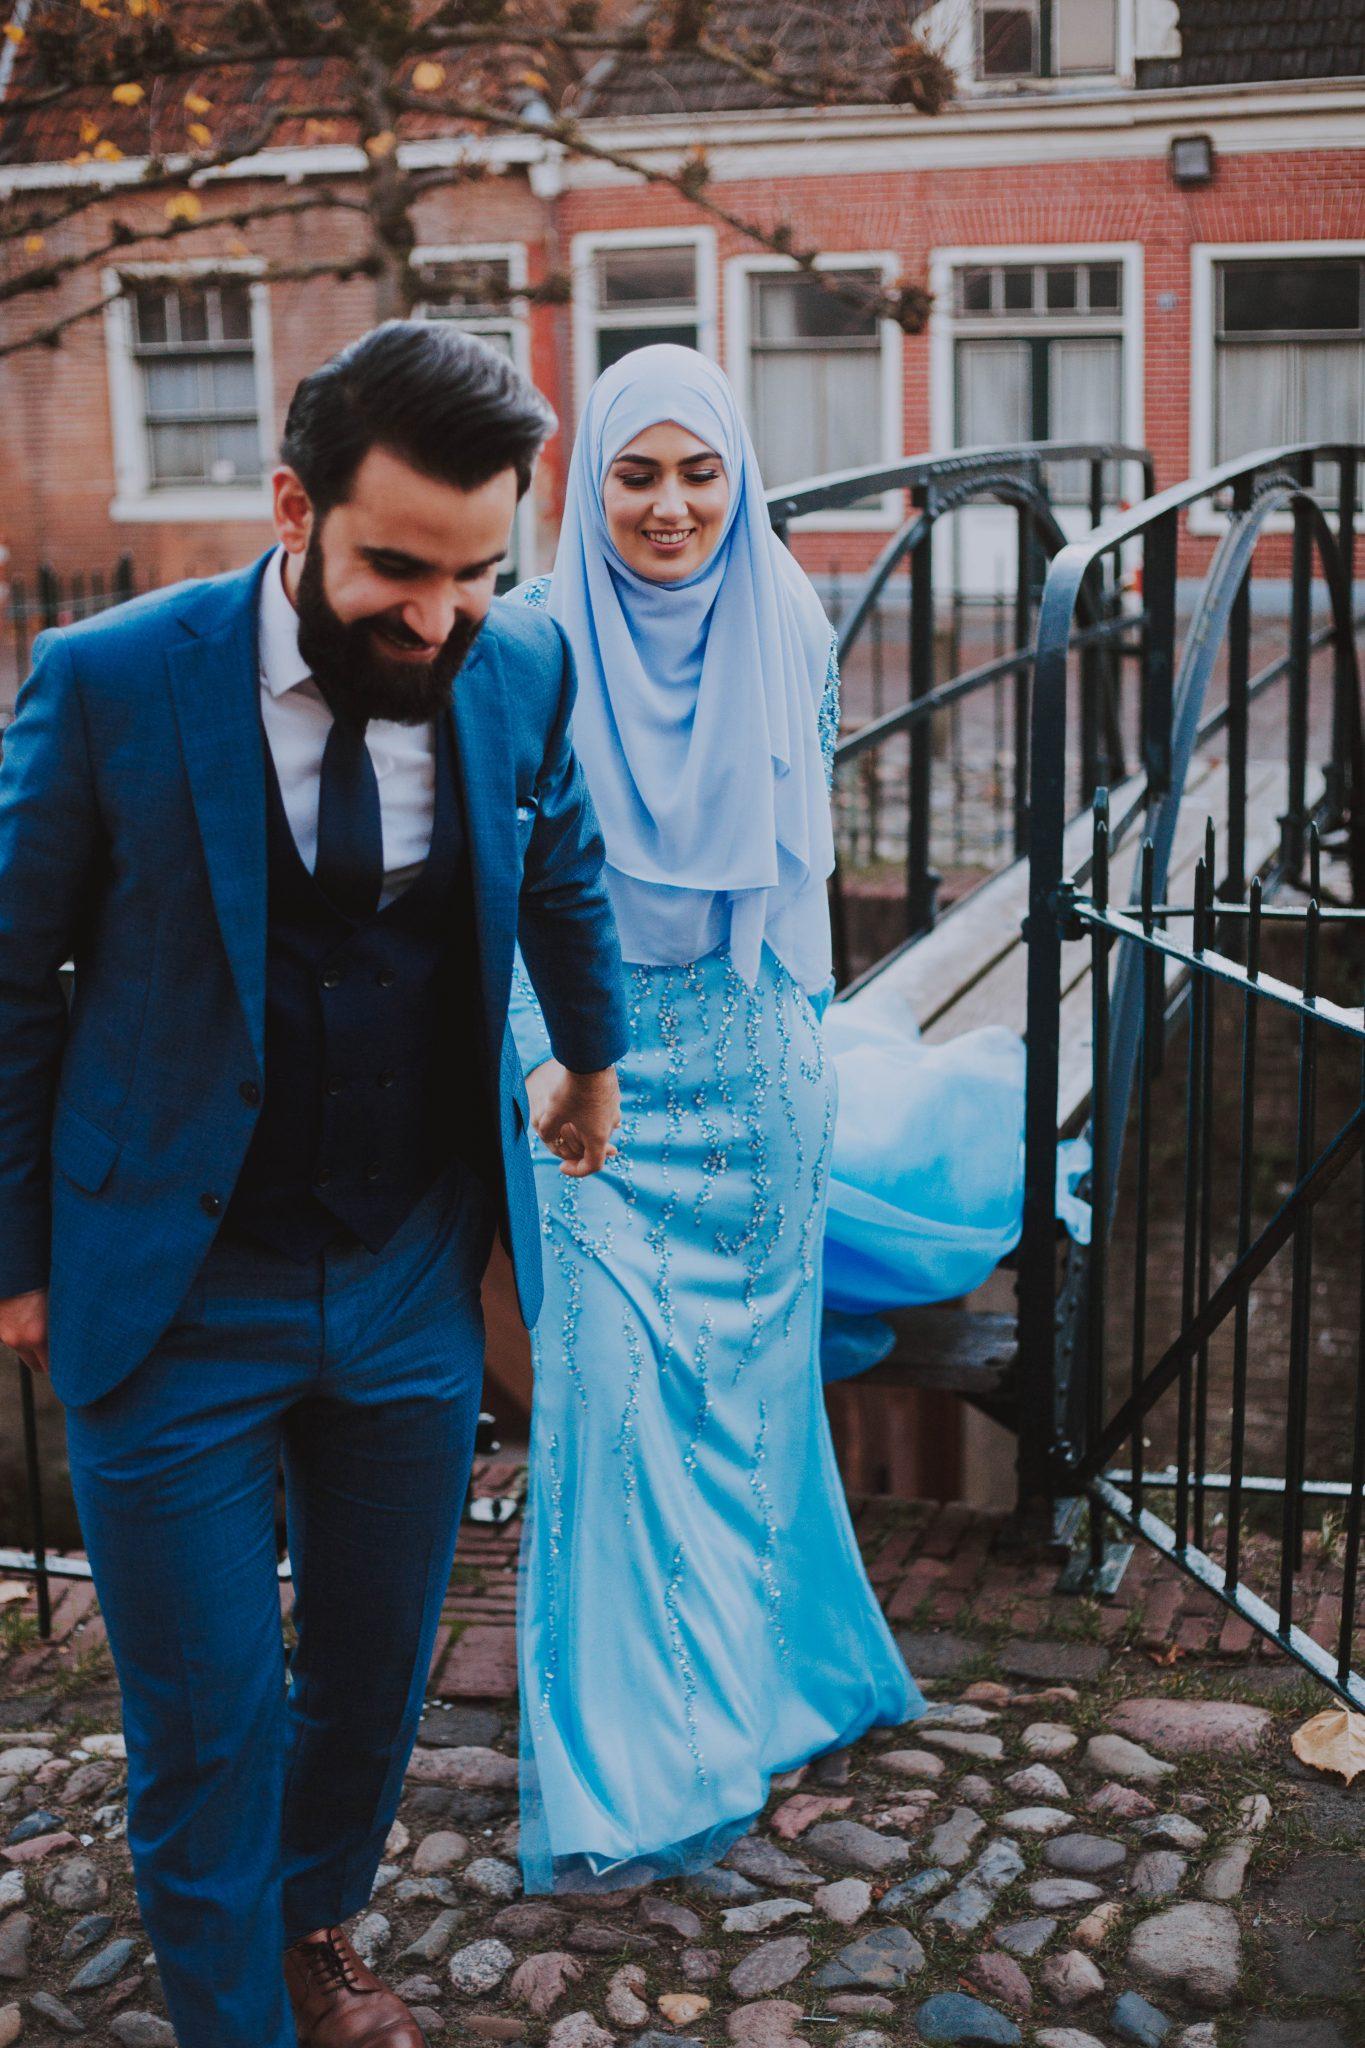 Bruidsfotograaf fotoshoot in de binnenstad van Amersfoort